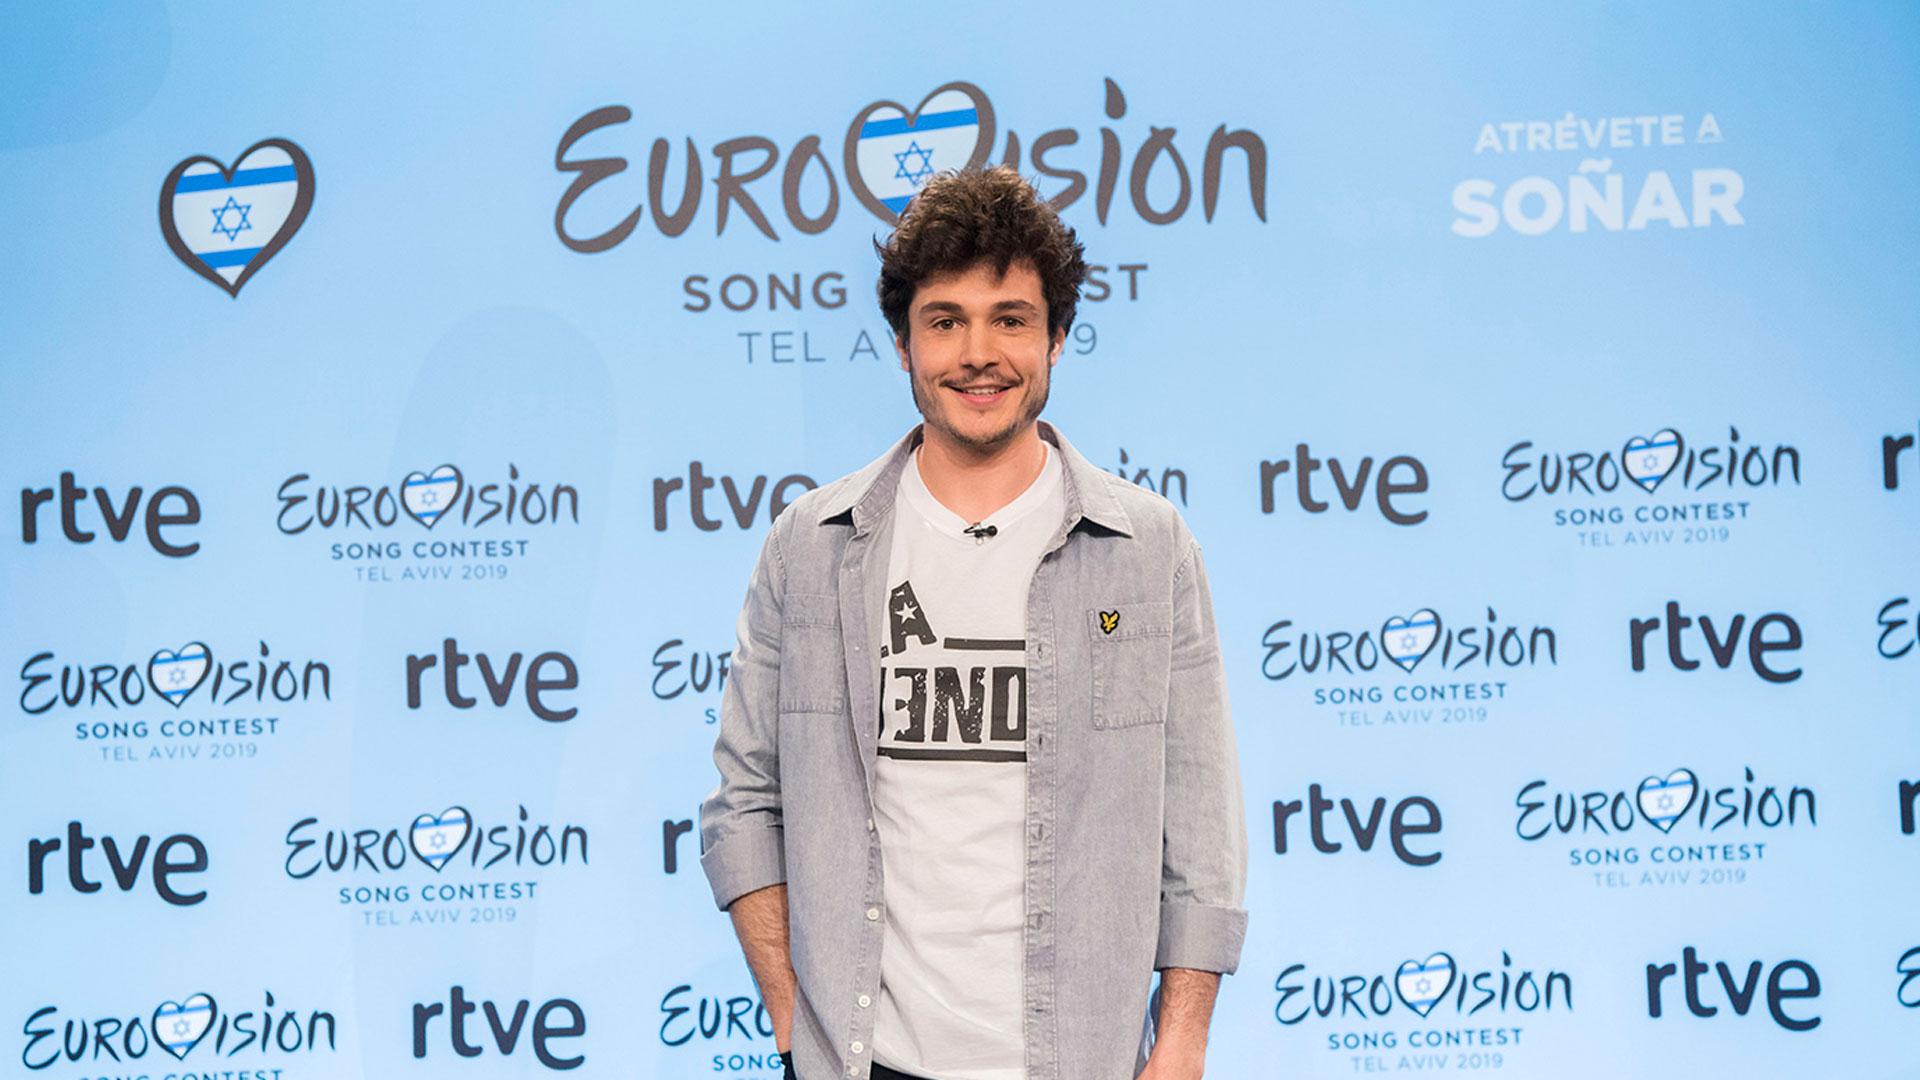 Corazón - El camino de Miki de Operación Triunfo a Eurovisión 2019